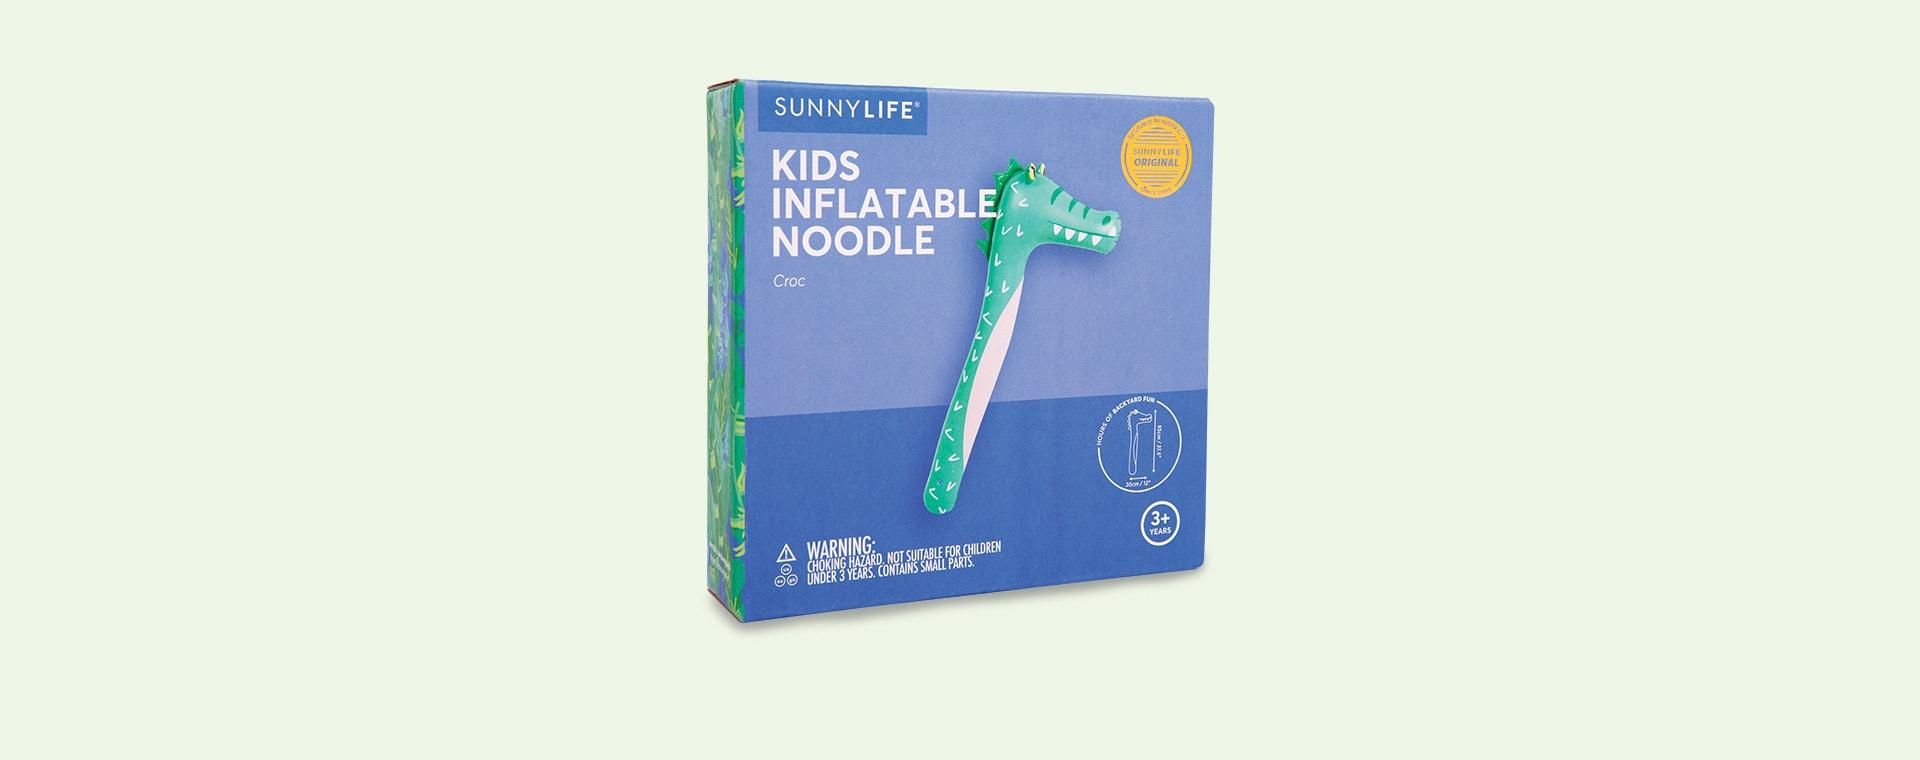 Crocodile Sunnylife Inflatable Noodle